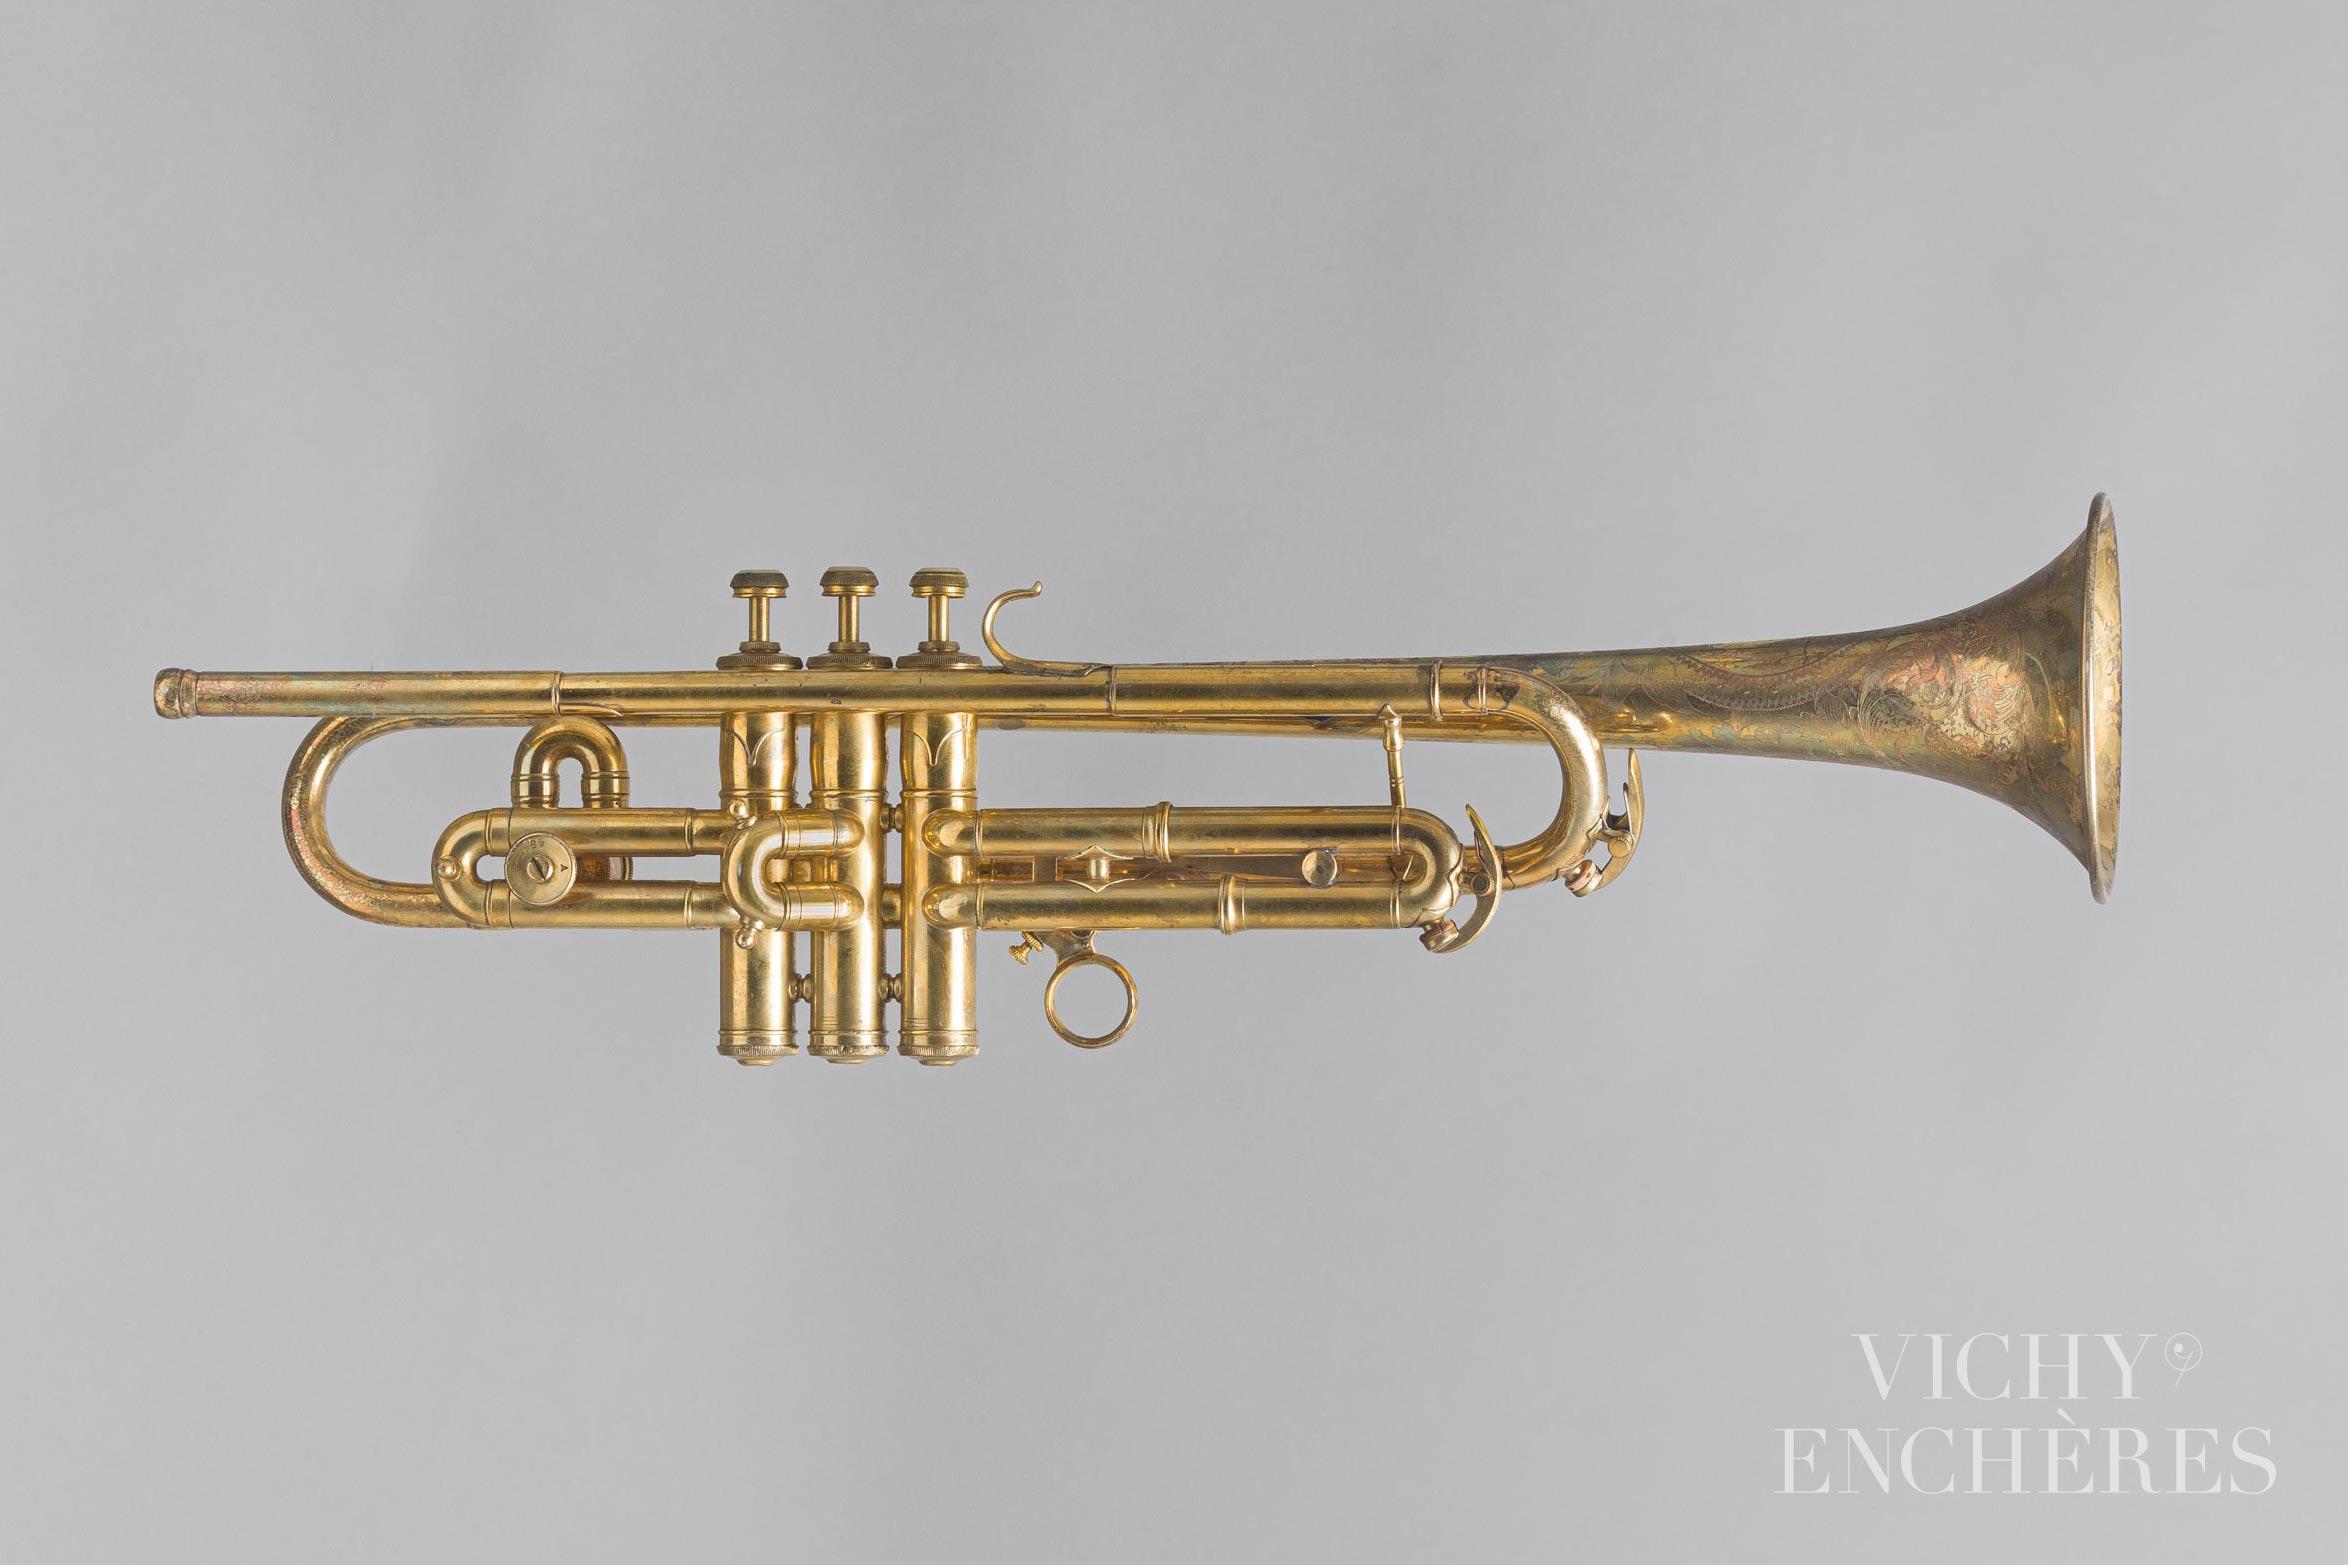 Trompette en si bémol/la estampillée C.G. CONN Elkhart - Collection Patrick Delile